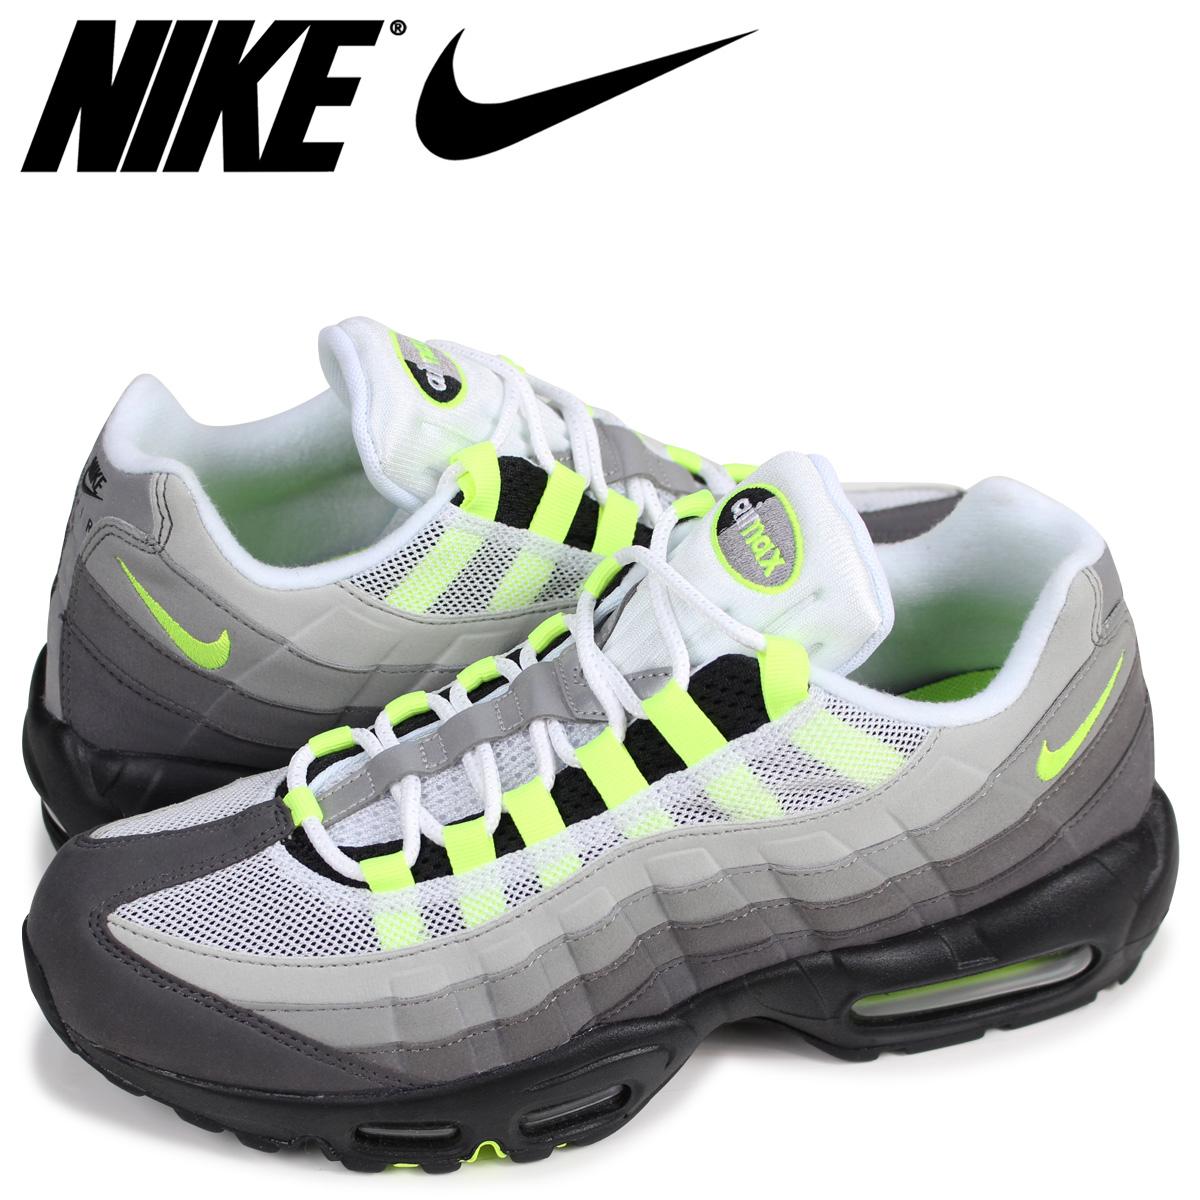 e591ffbf098ae 38d4d 26a7b; discount allsports nike nike air max 95 sneakers men air max 95  og 554970 071 yellow